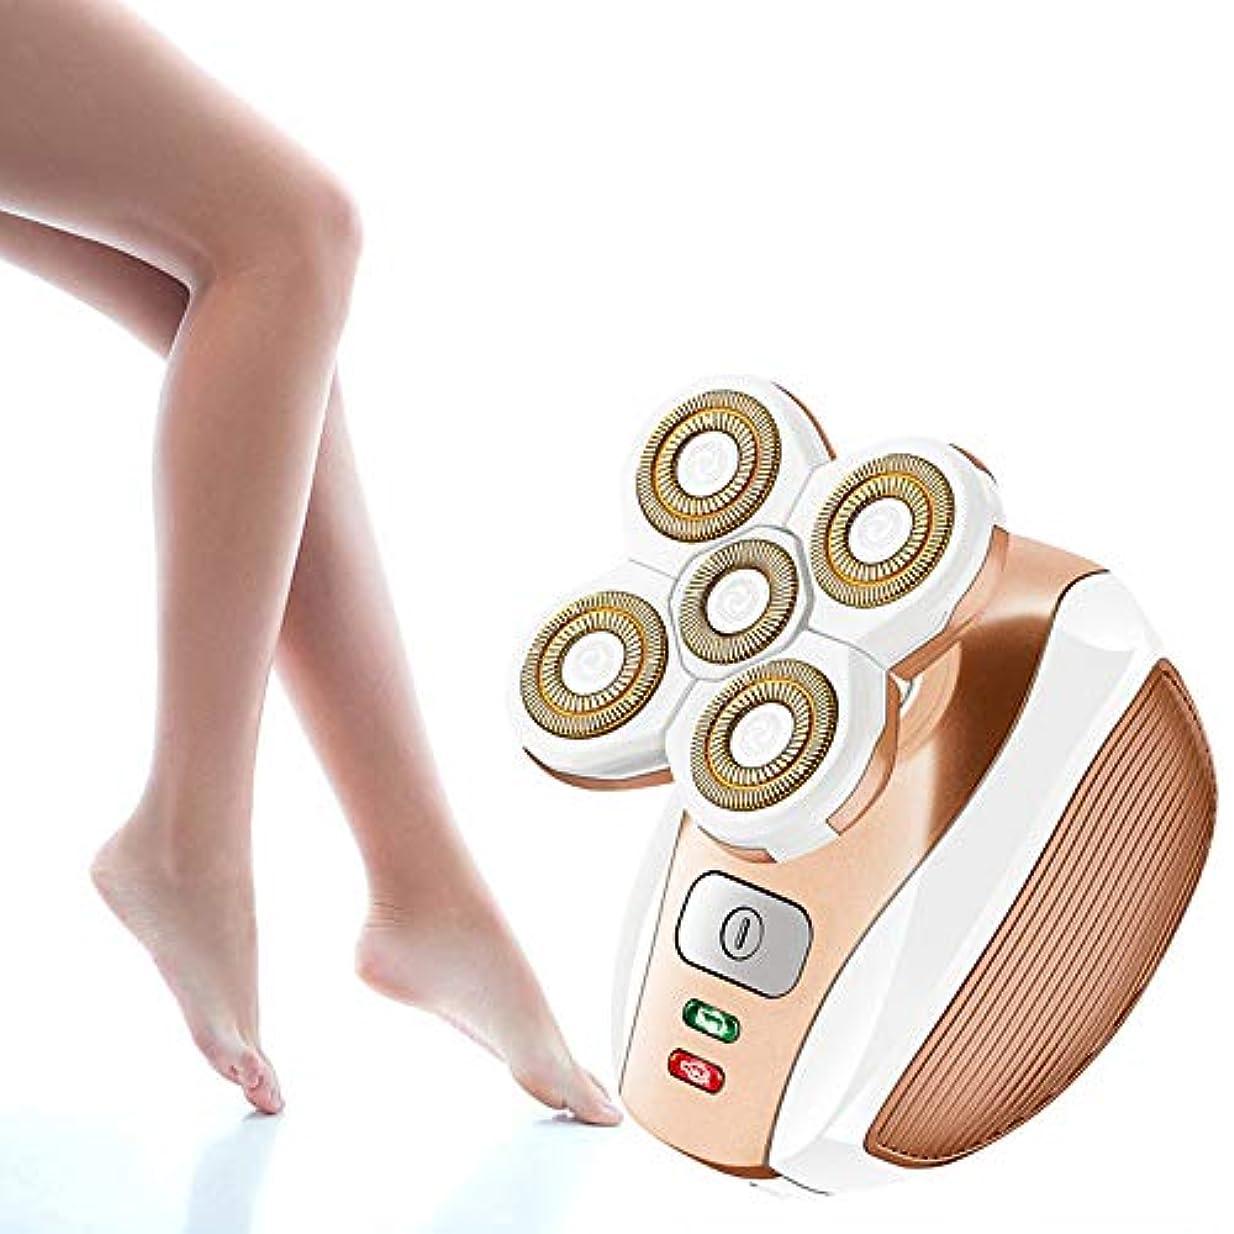 観察する観点返済女性の痛みのない電気かみそり脱毛、女性の脚、顔の唇、ビキニエリア、充電可能、掃除が簡単な女性用のコードレスシェーバー